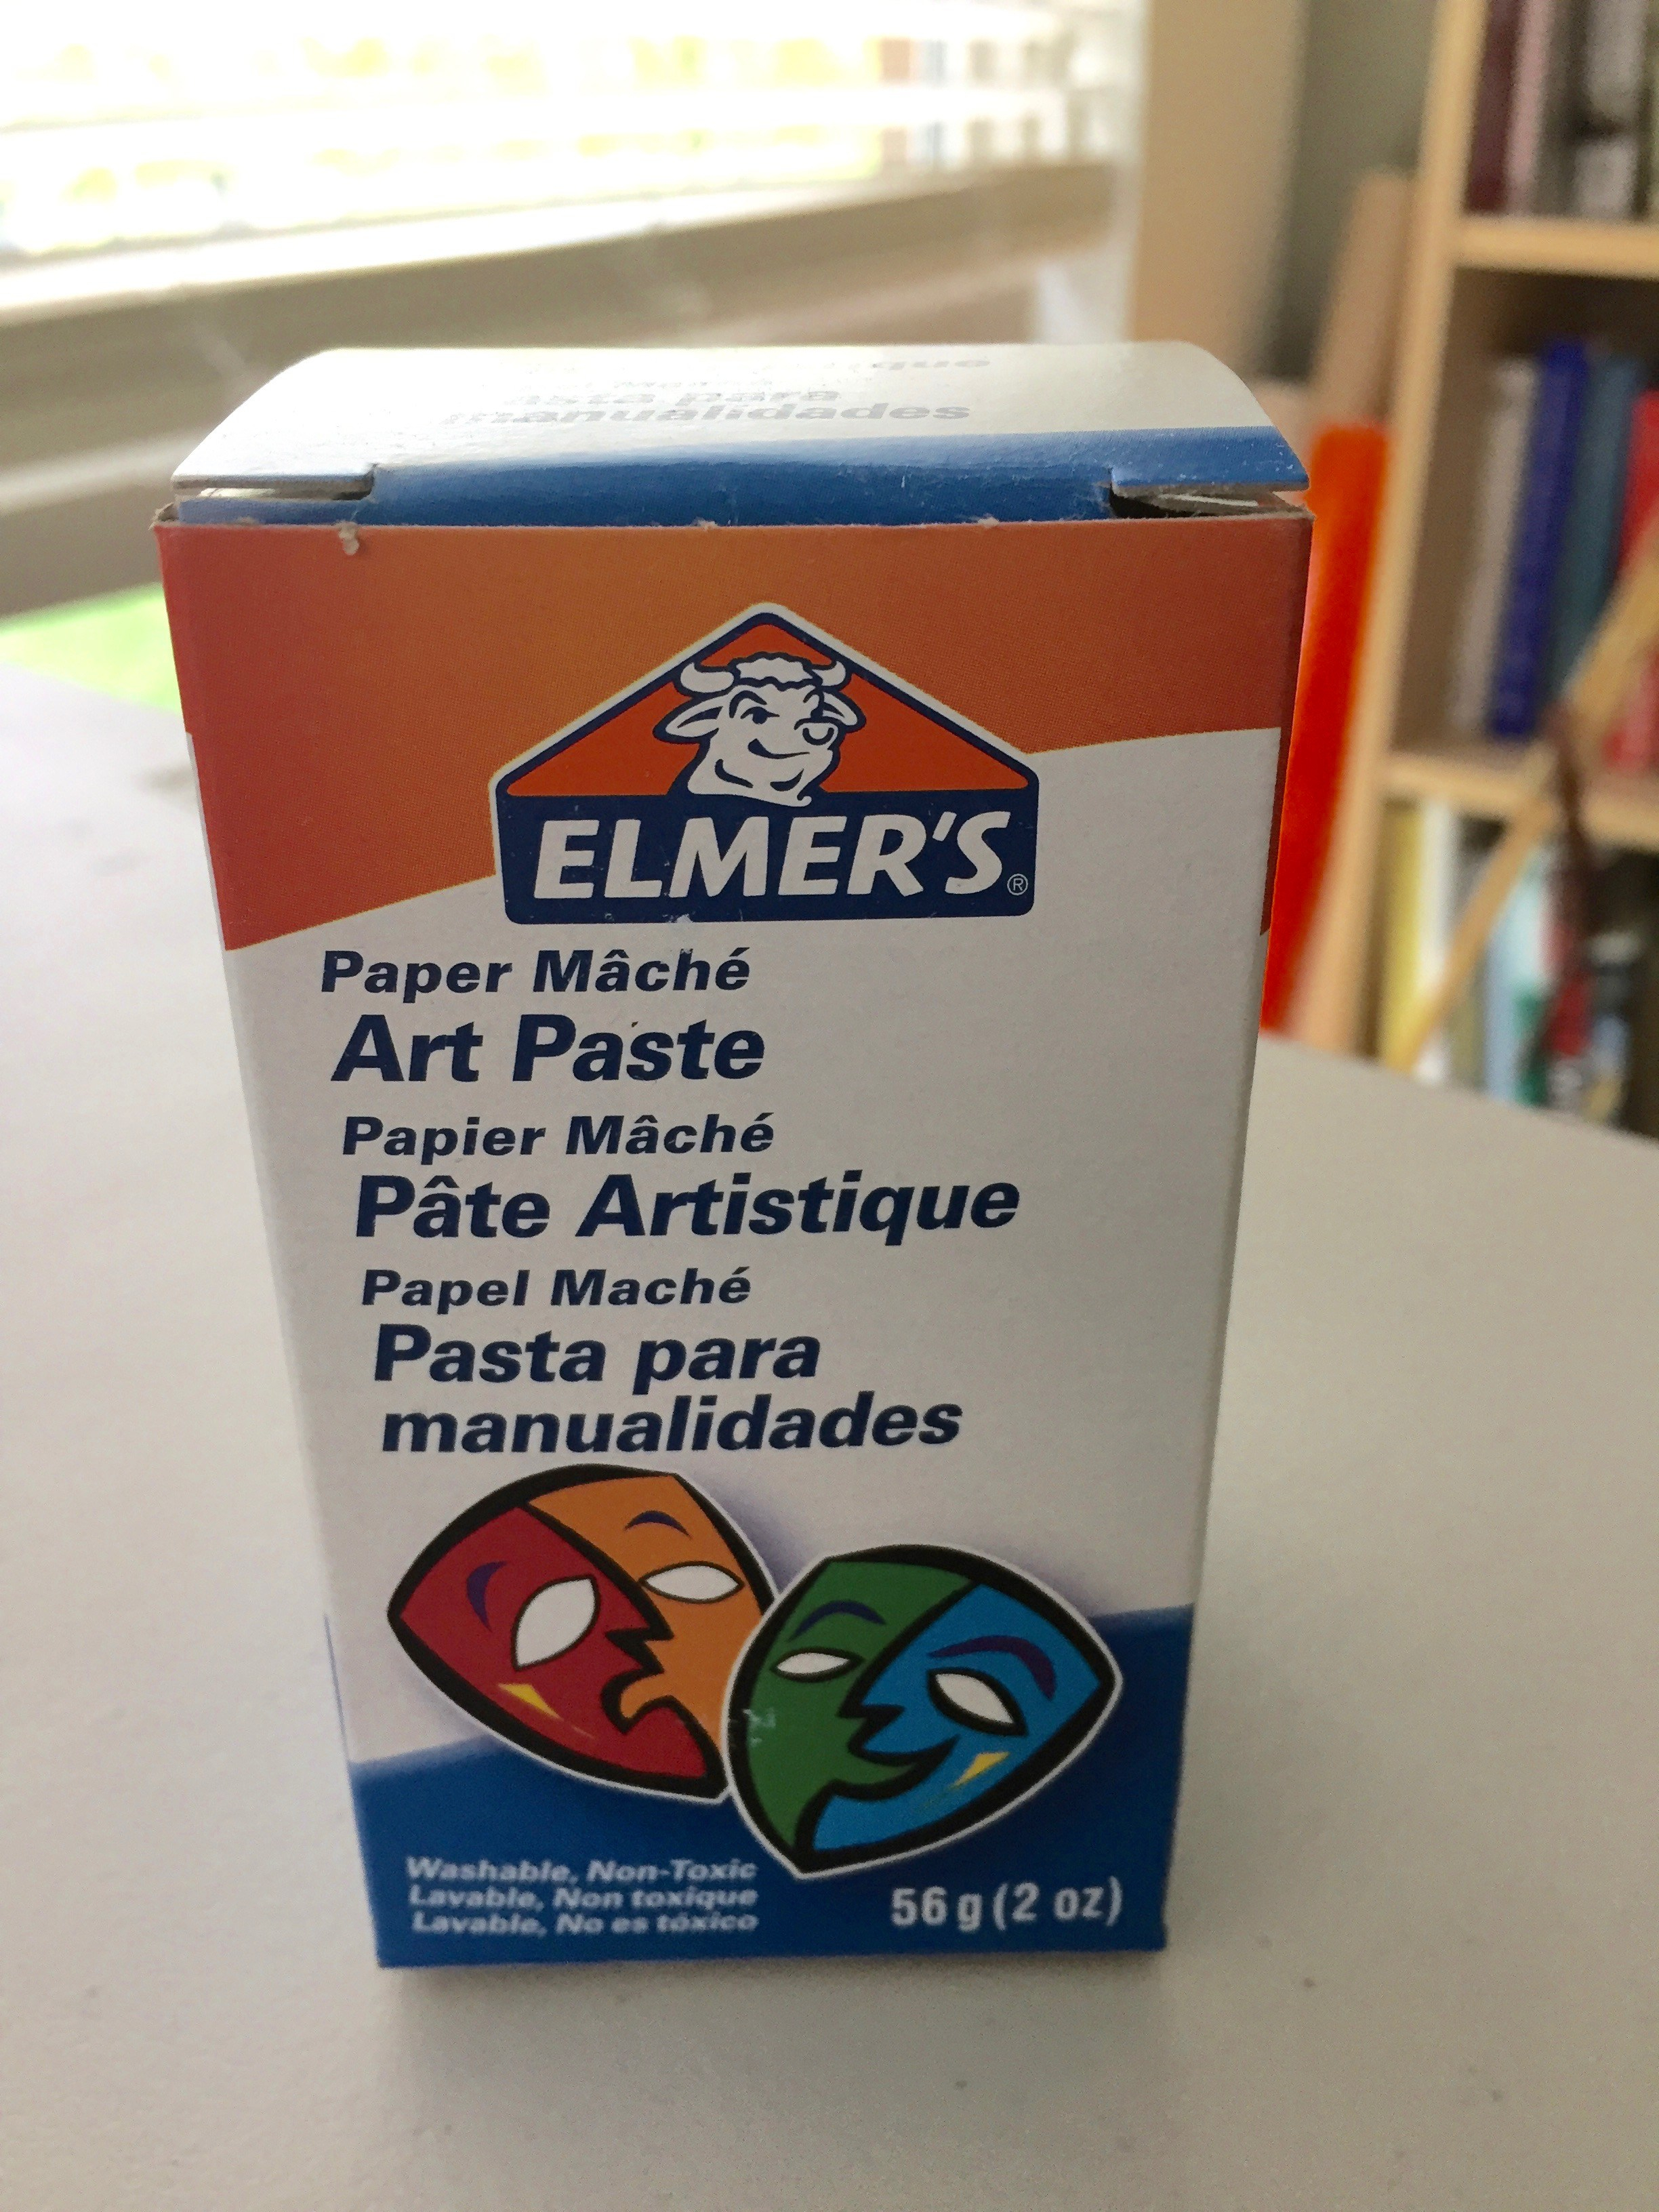 Elmer's Art Past